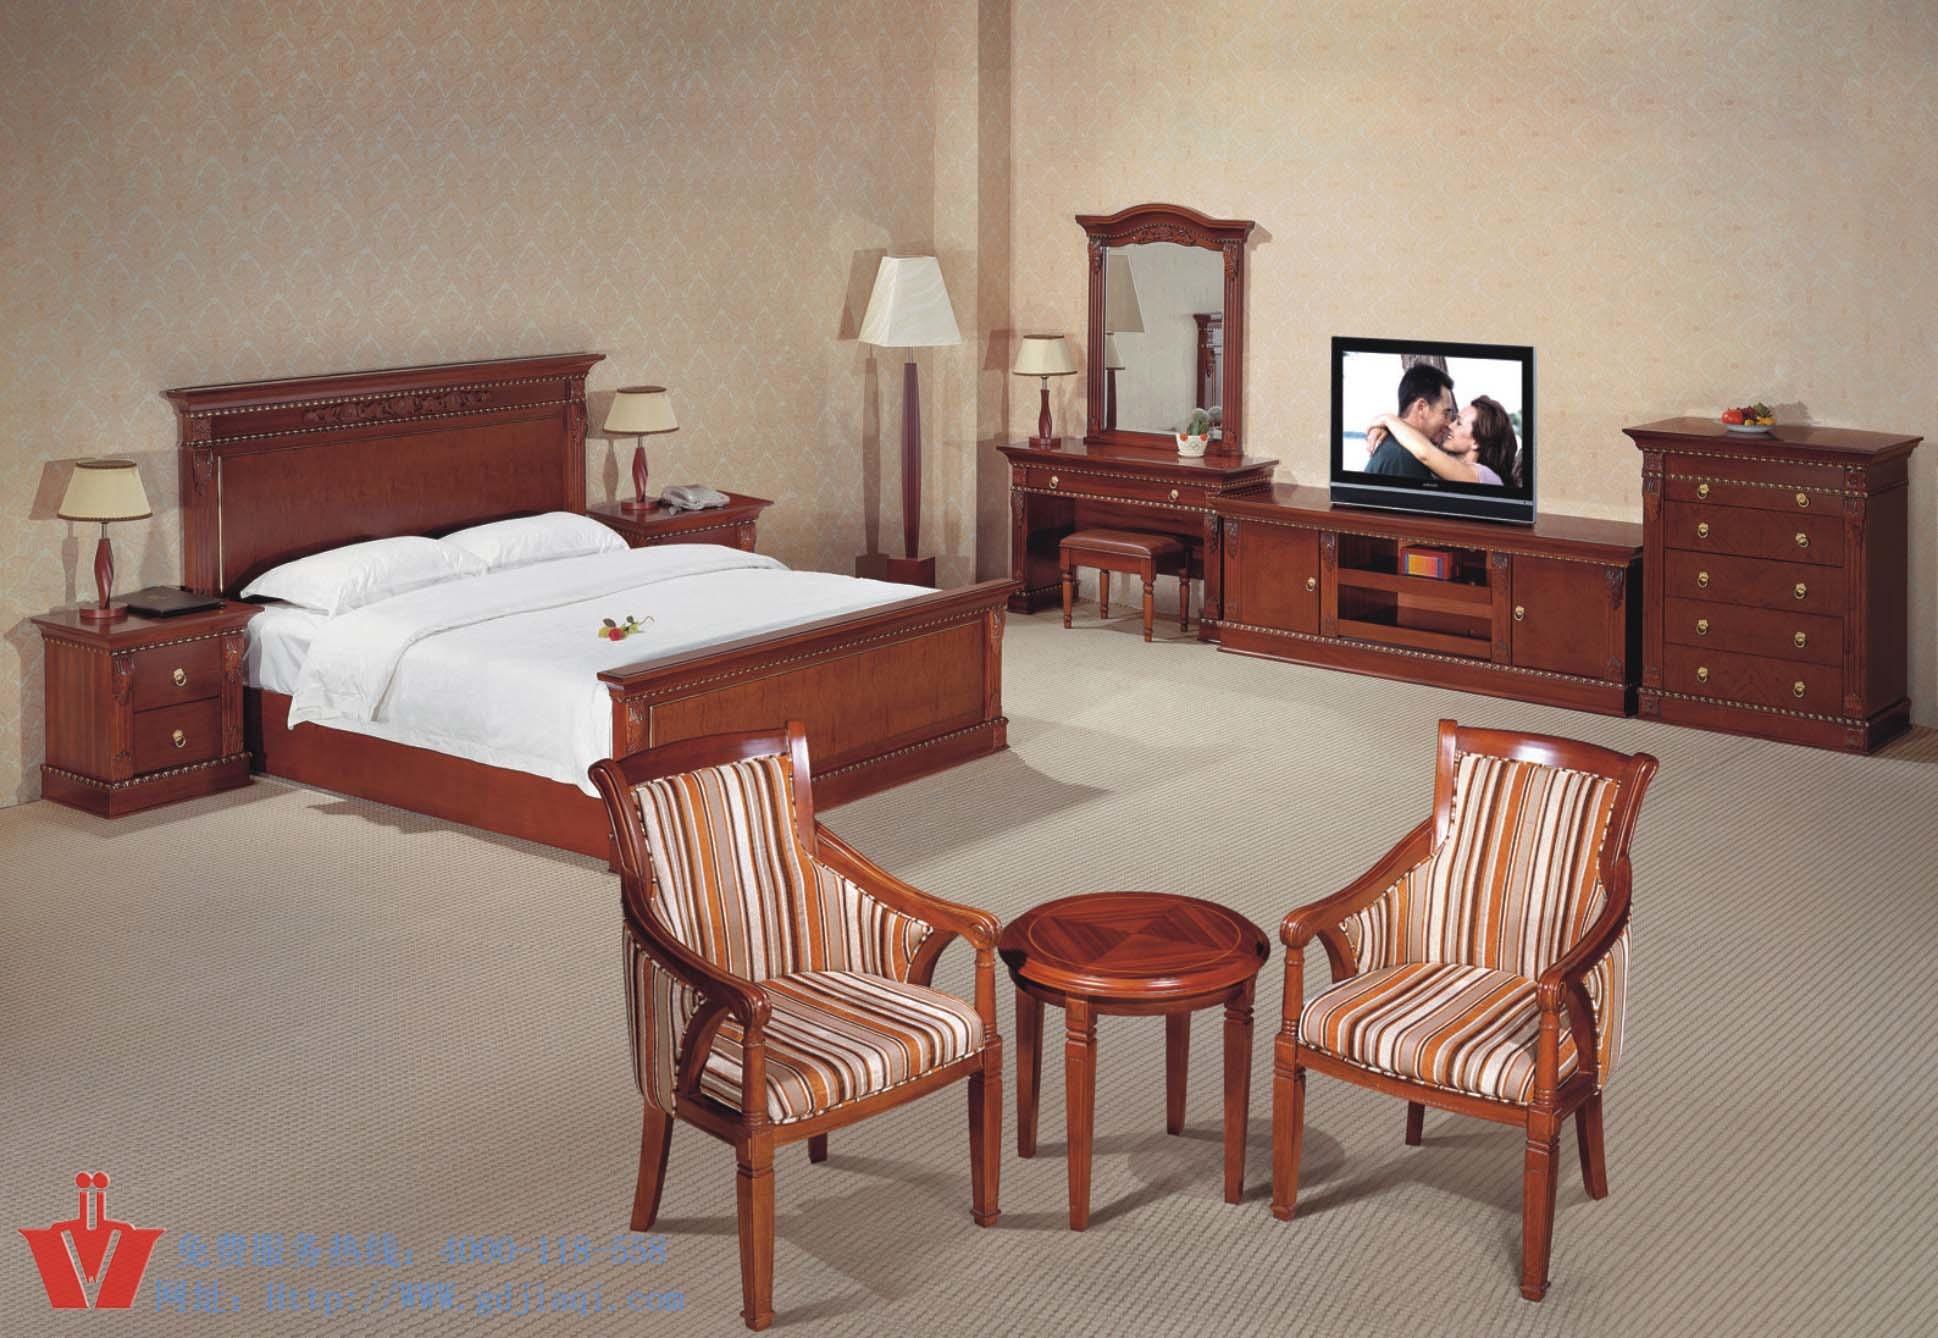 Muebles de la habitación de hotel de lujo (WP132001) – Muebles de